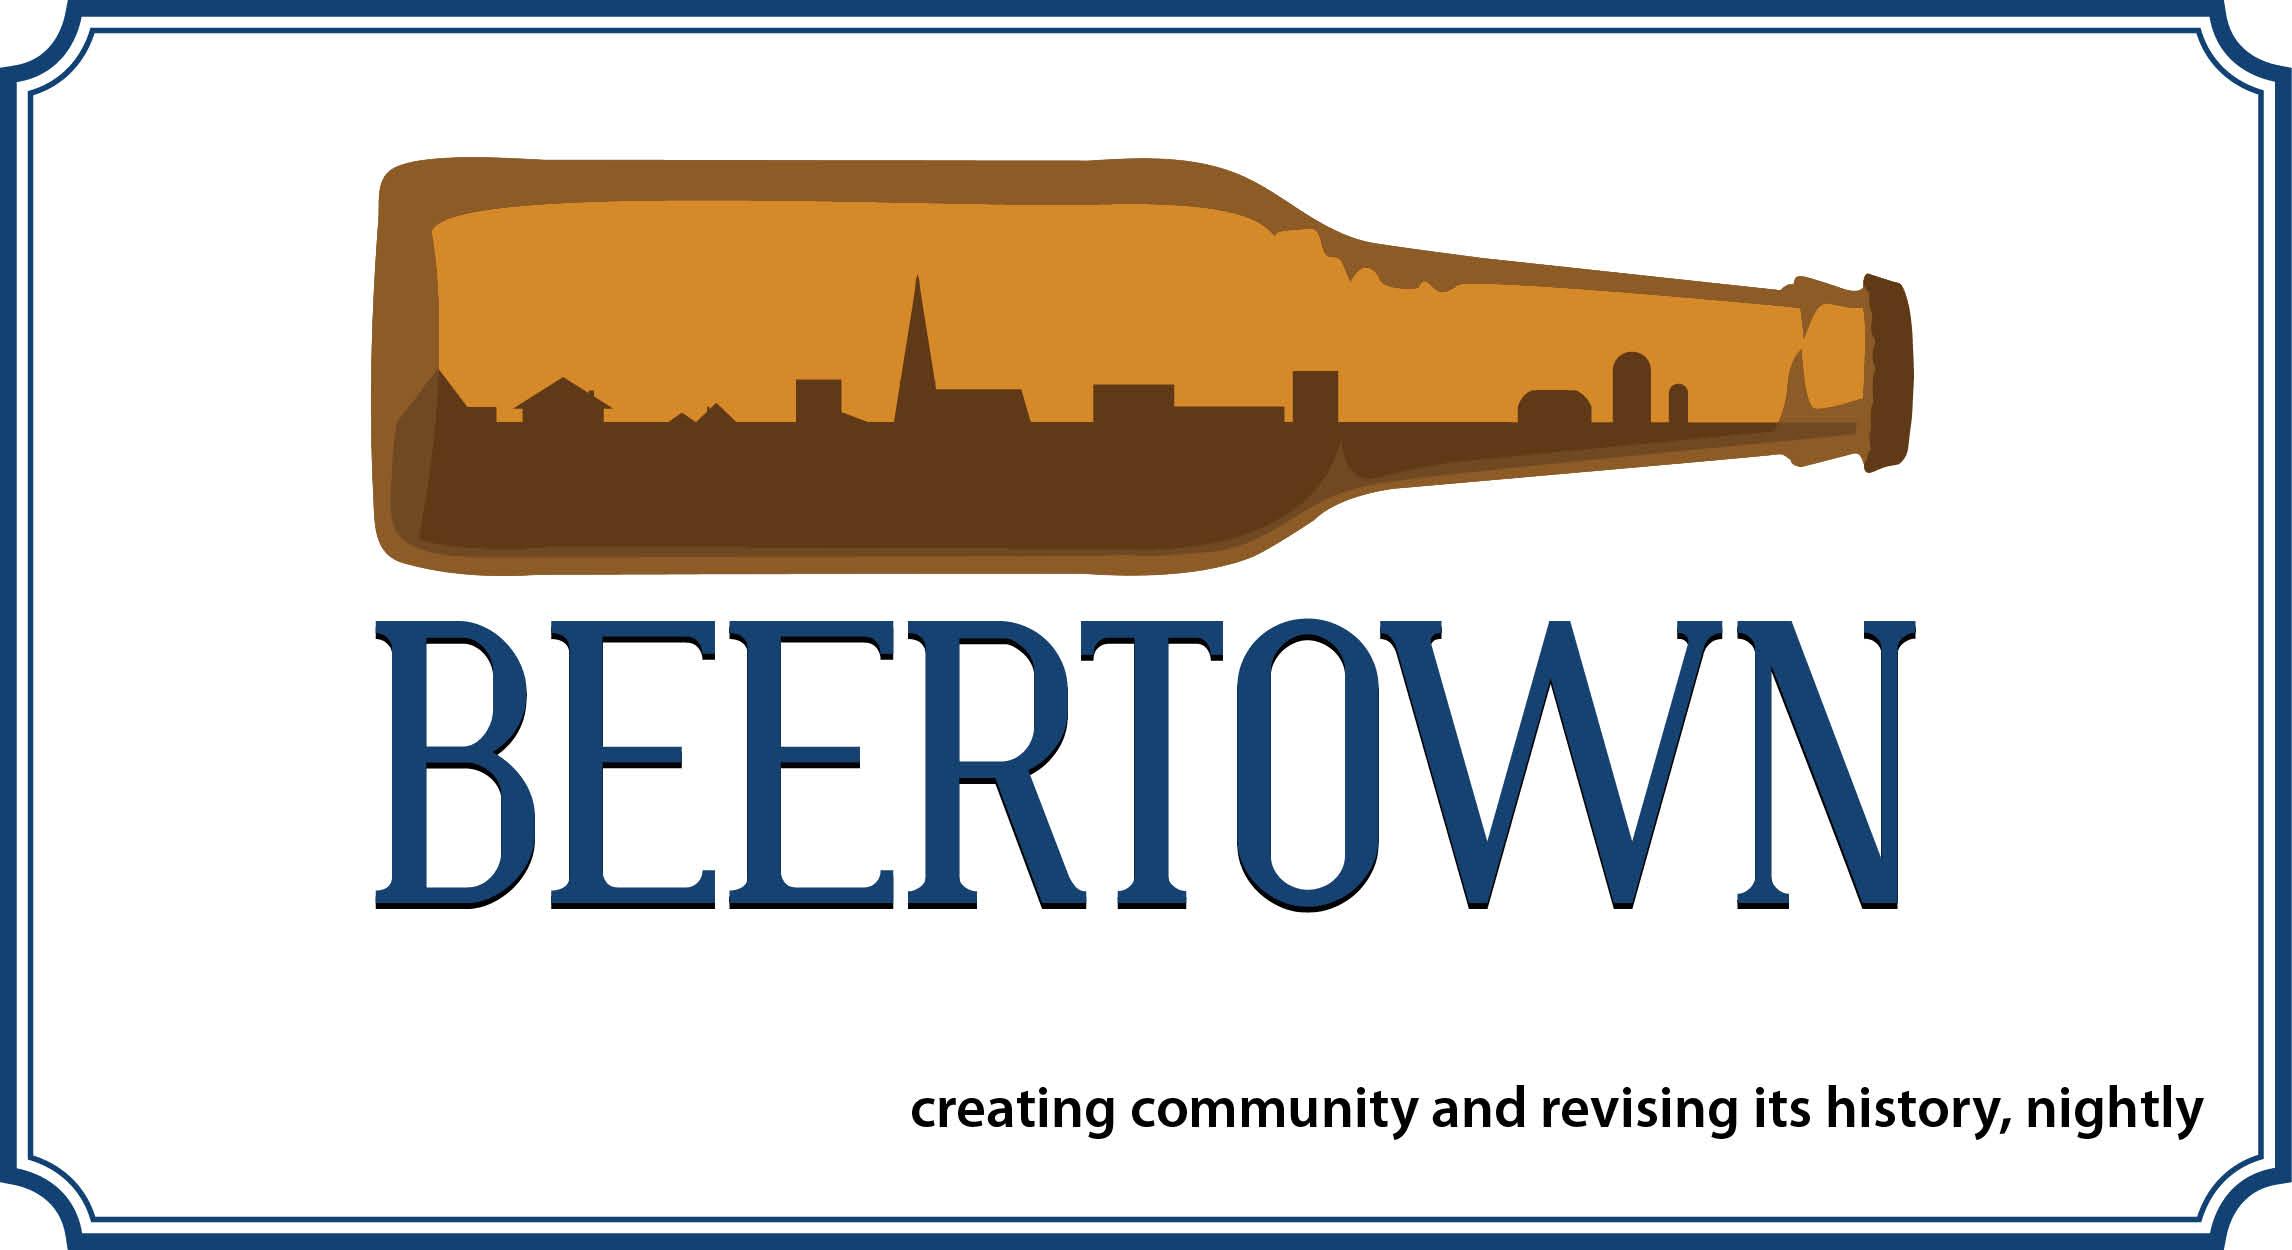 Beertown_550x300_012814.jpg